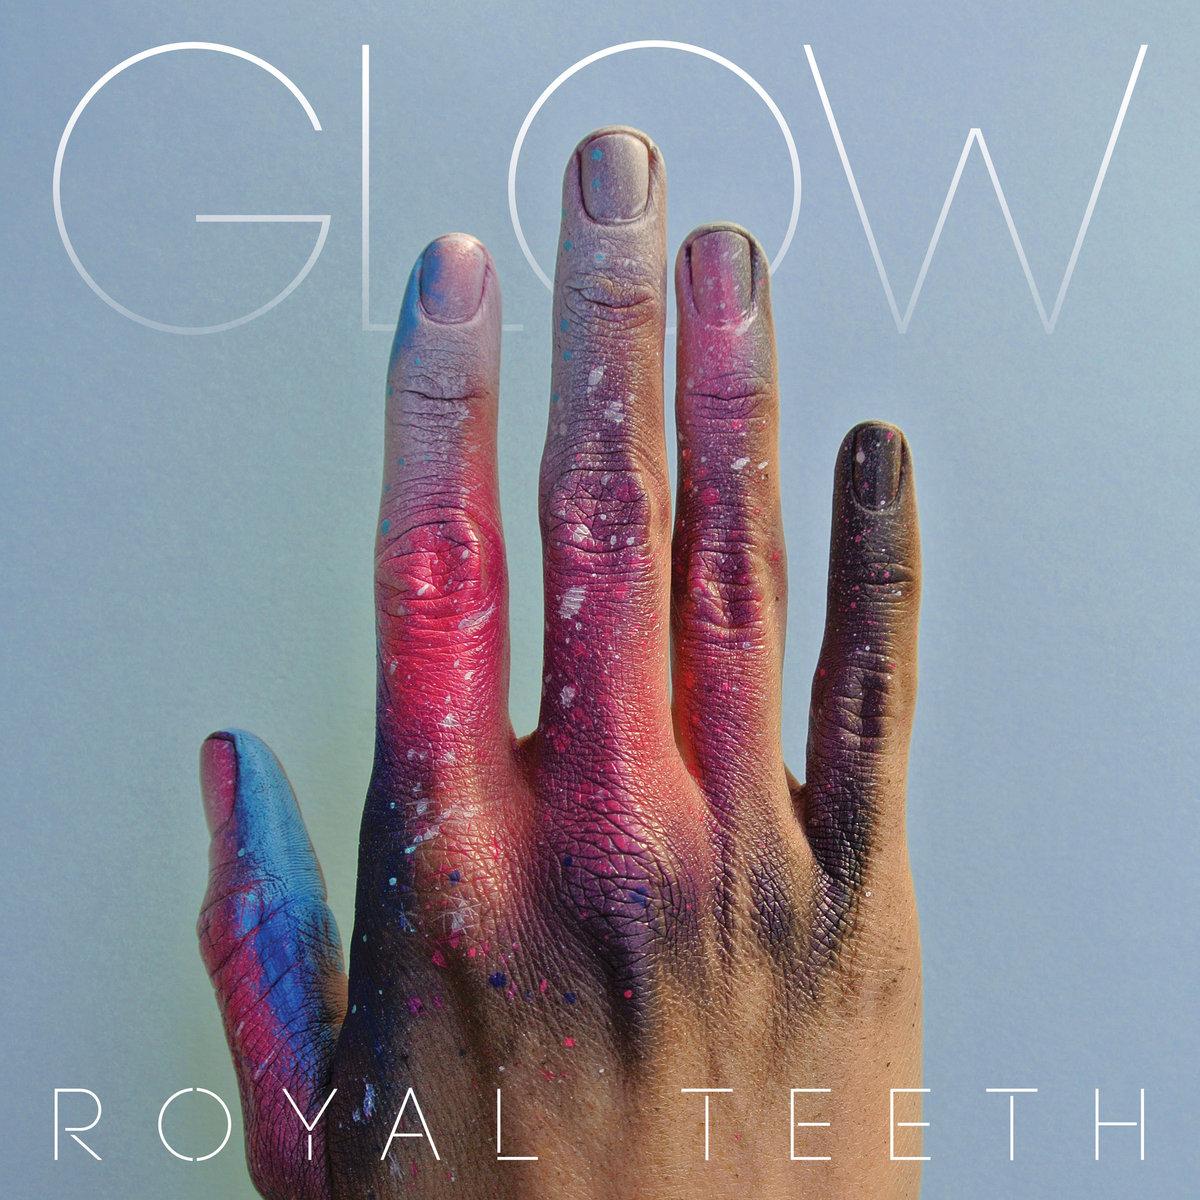 Afbeeldingsresultaat voor royal teeth glow